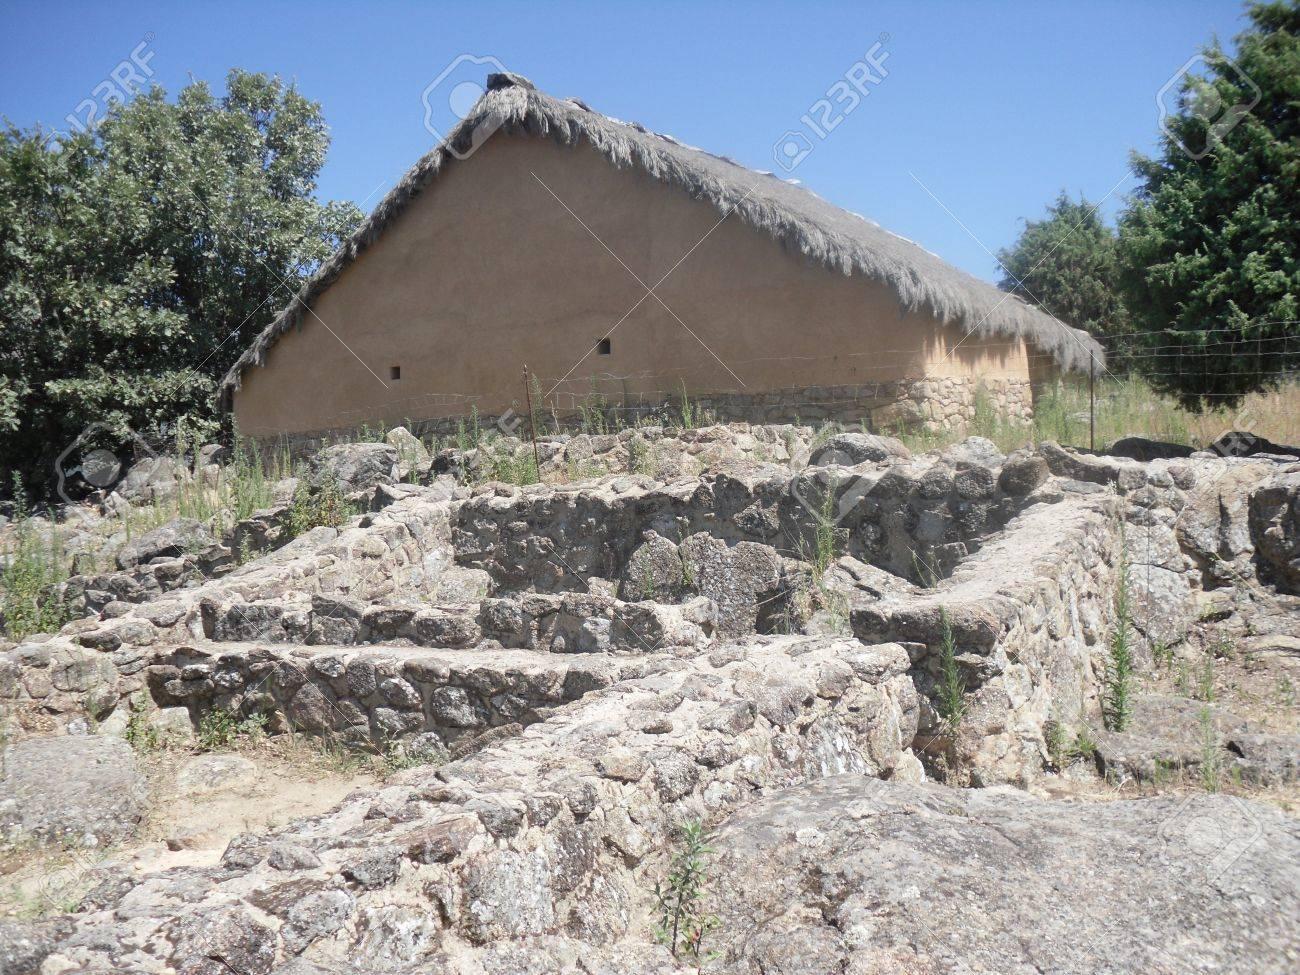 Celtic Castro, El Raso, Candeleda, vila - 12392930